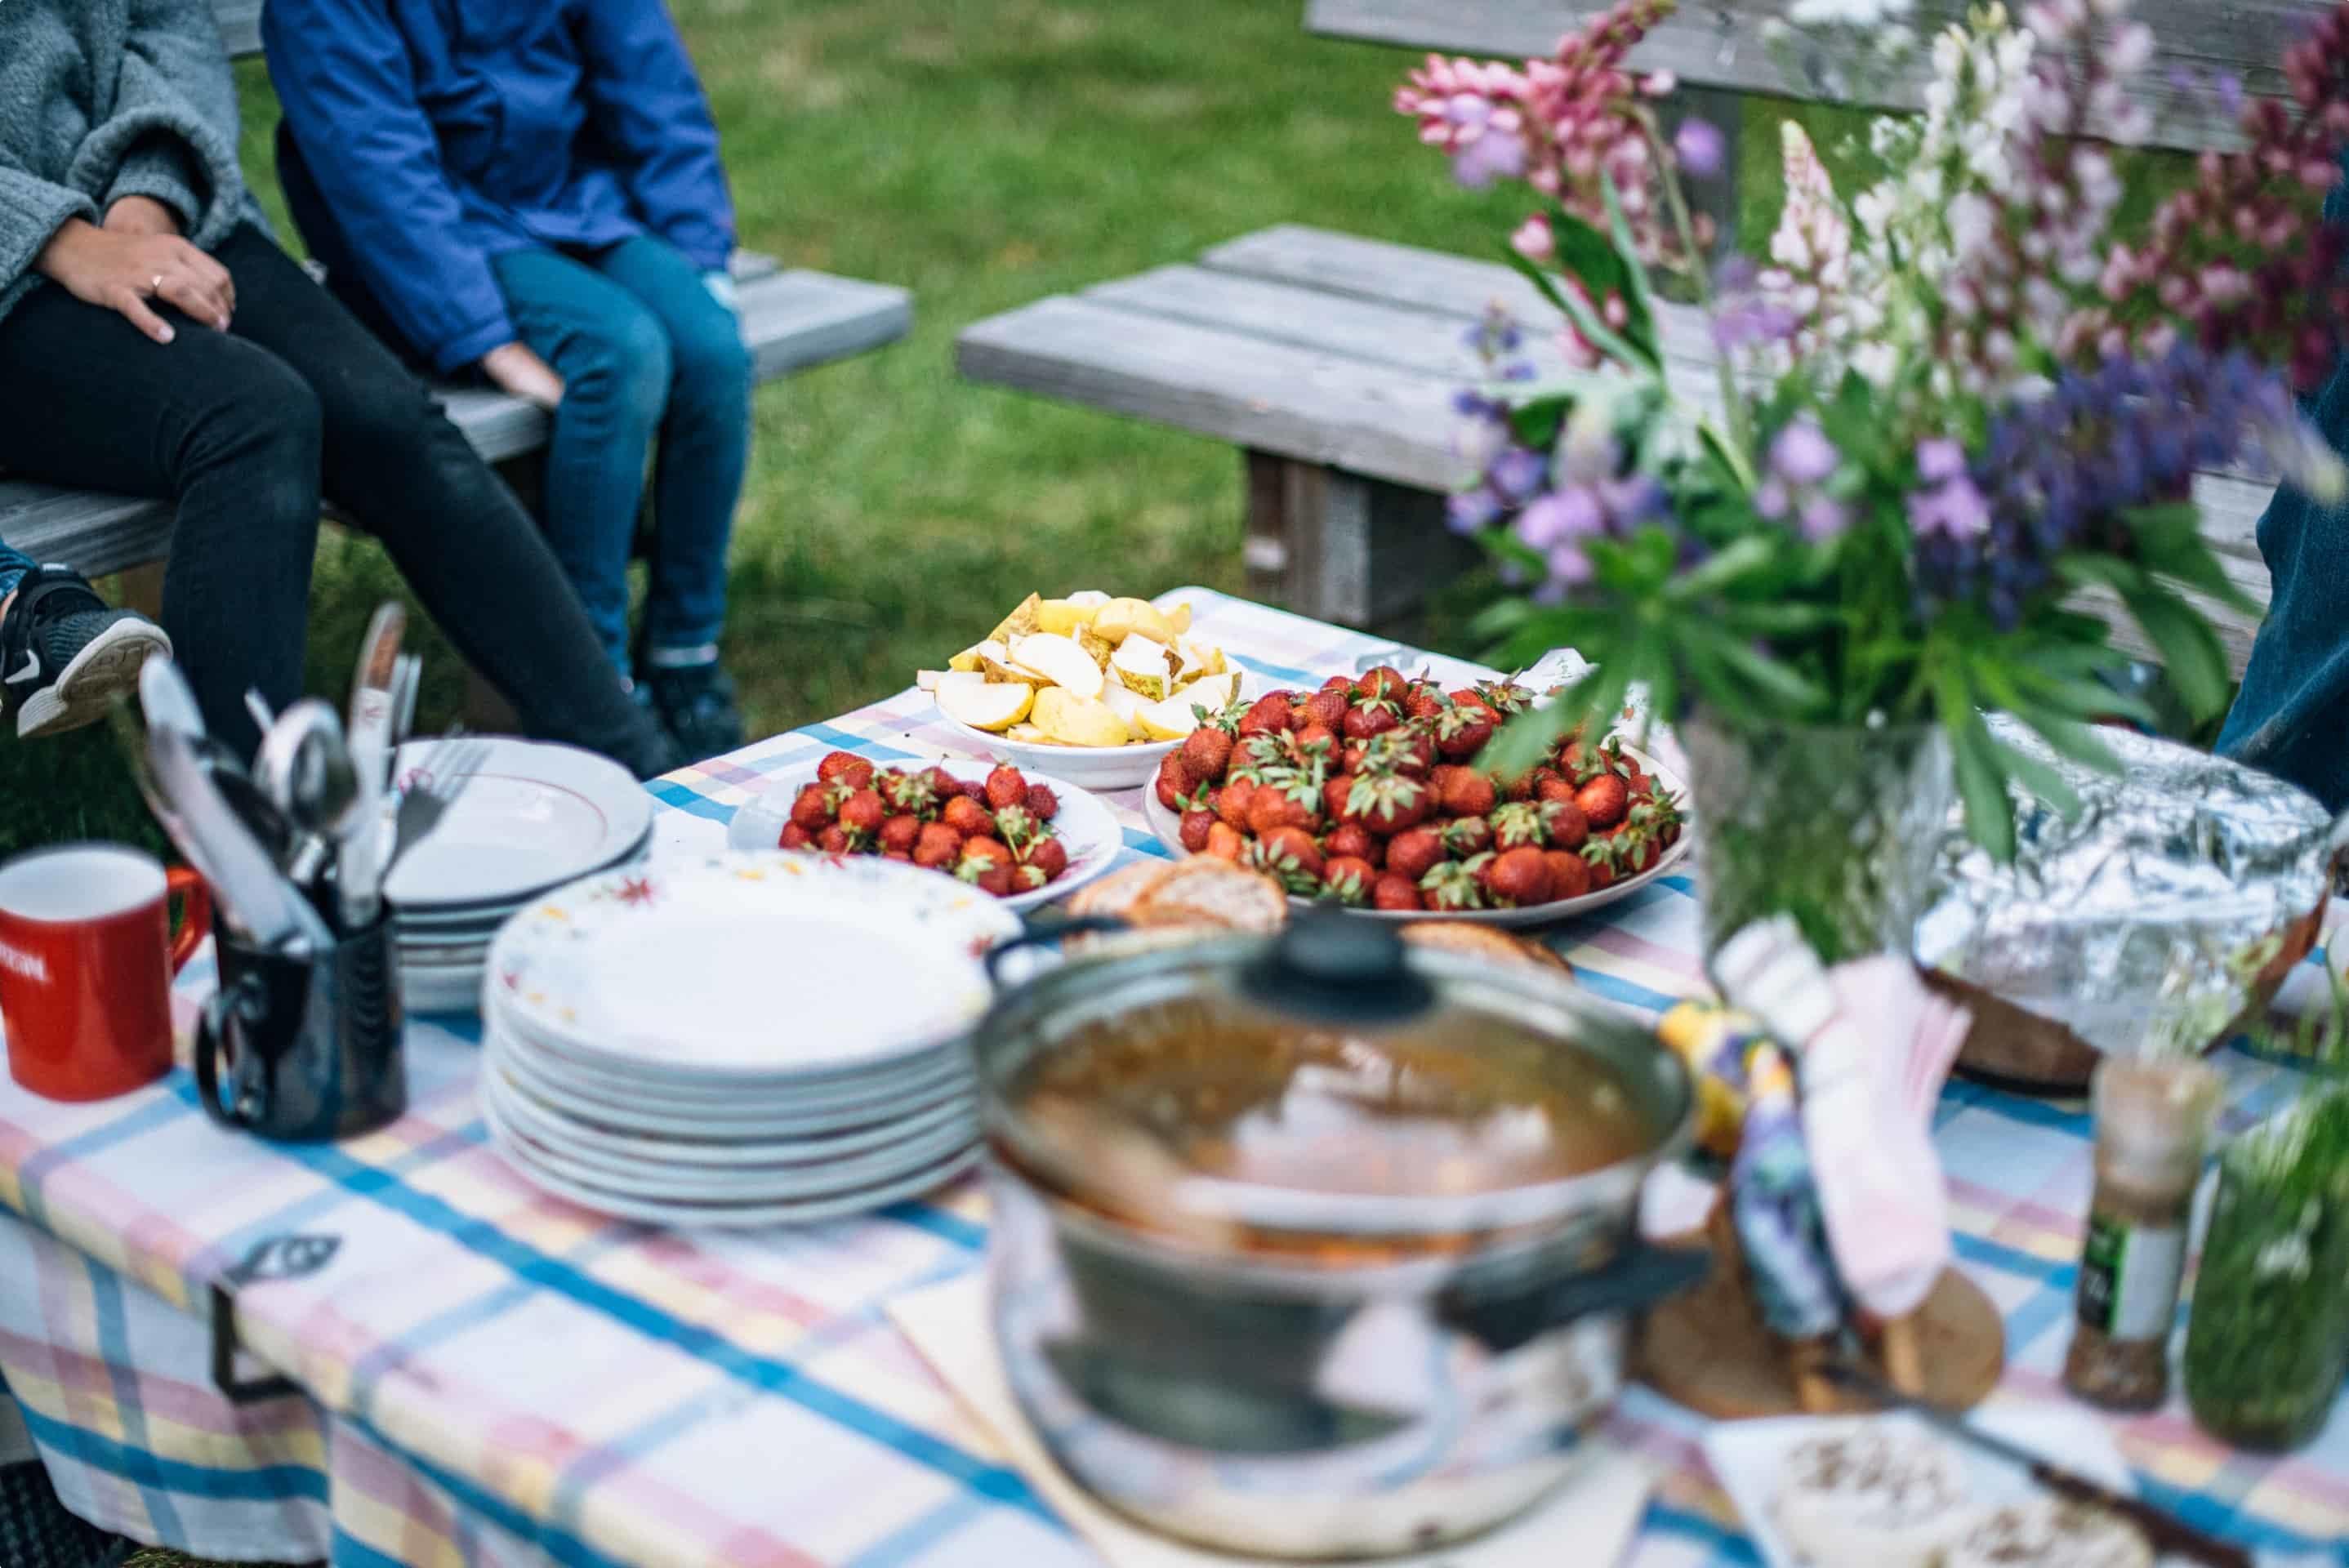 Midsummer berries